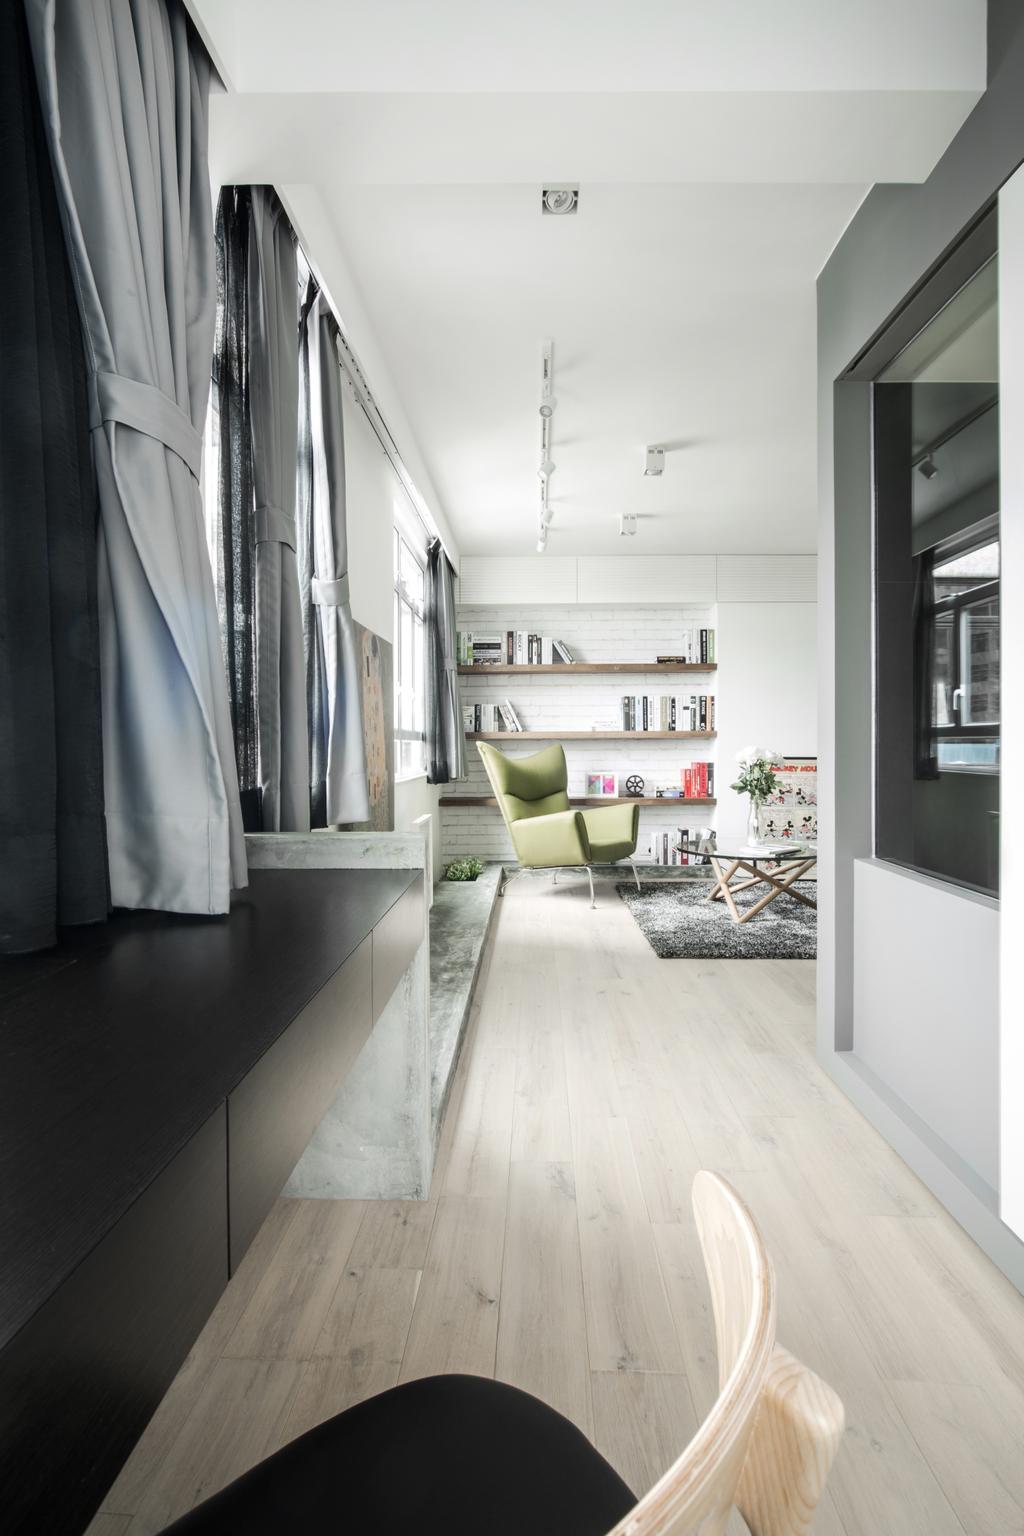 北歐, 私家樓, 客廳, HFC3, 室內設計師, in Him's Interior Design, Indoors, Interior Design